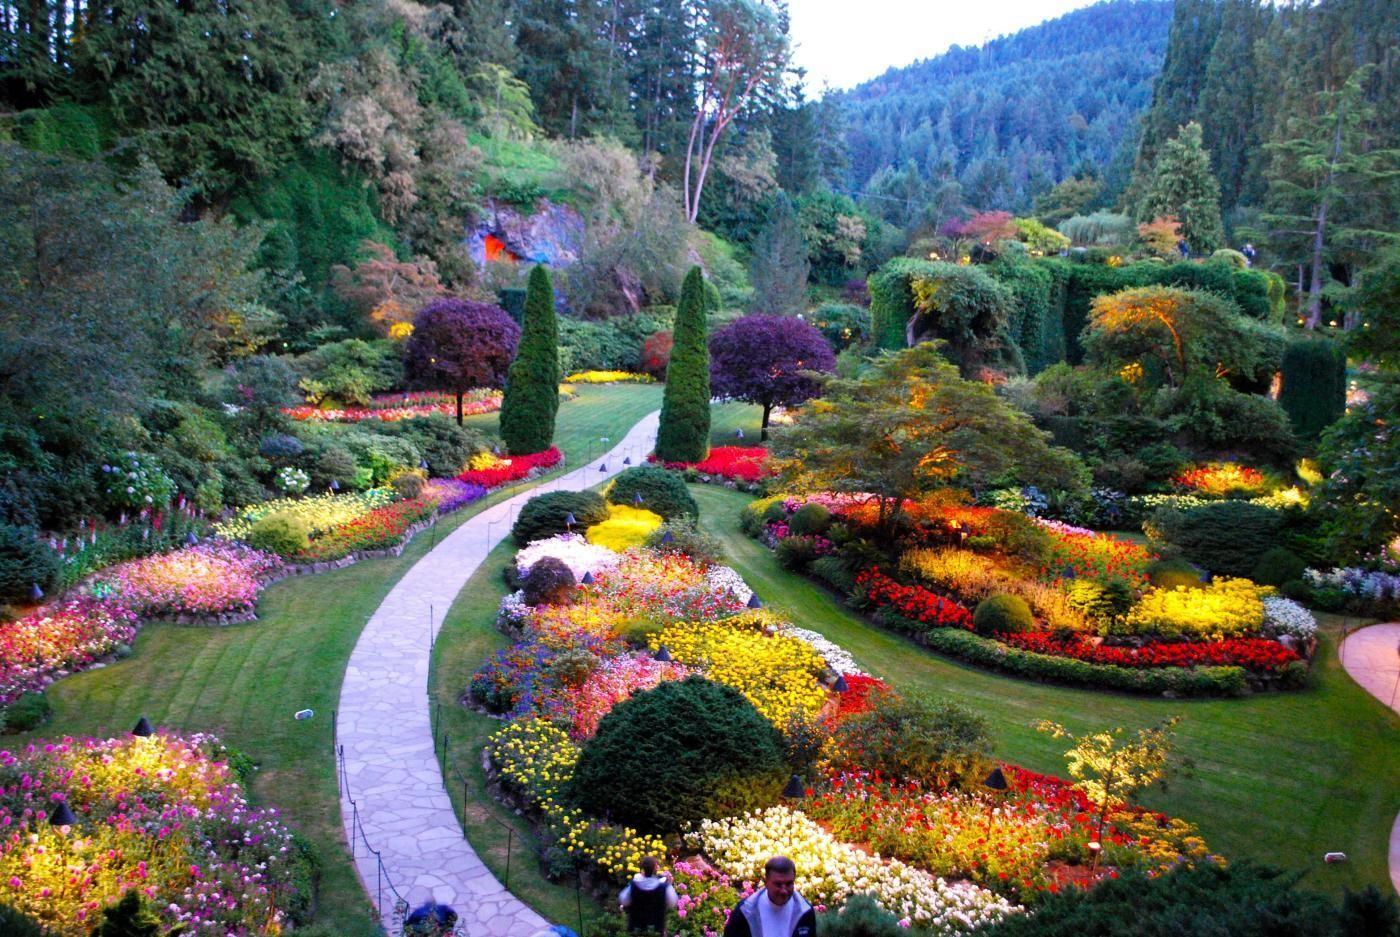 Vườn bách thảo Vandusen